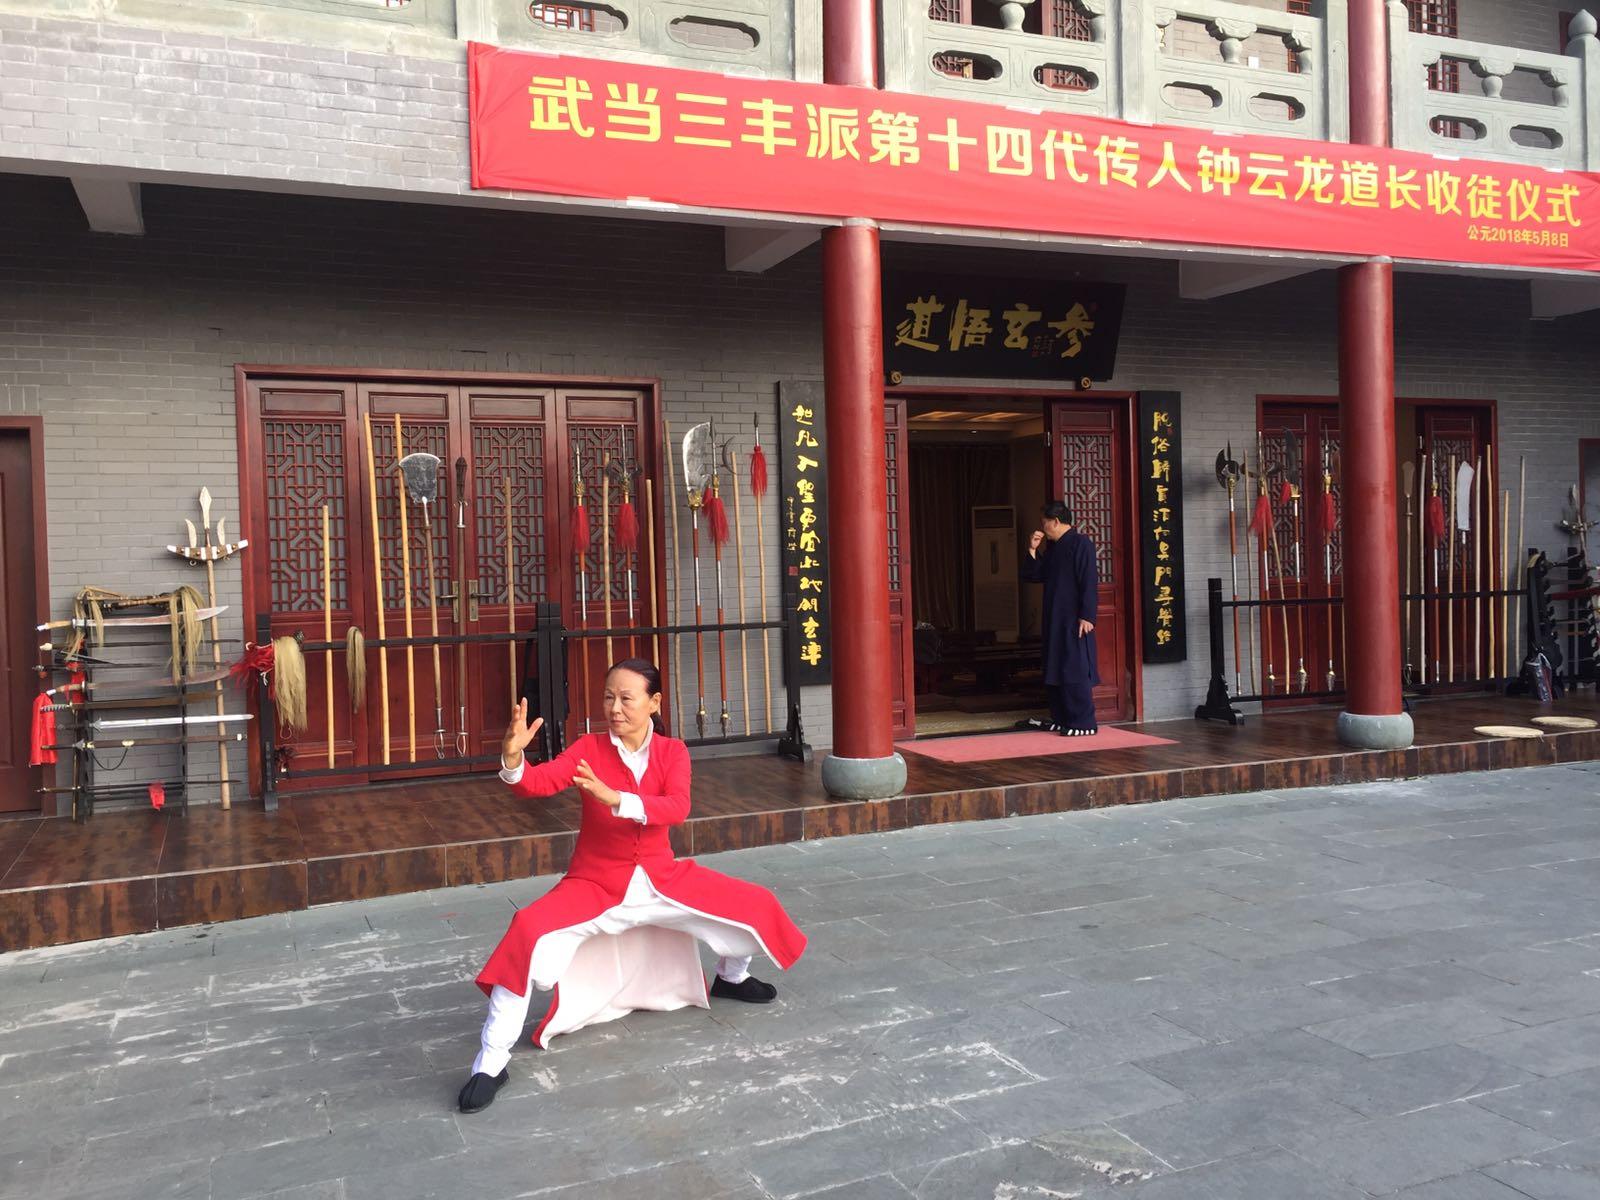 מאסטר רות לי סופר - סין 2018